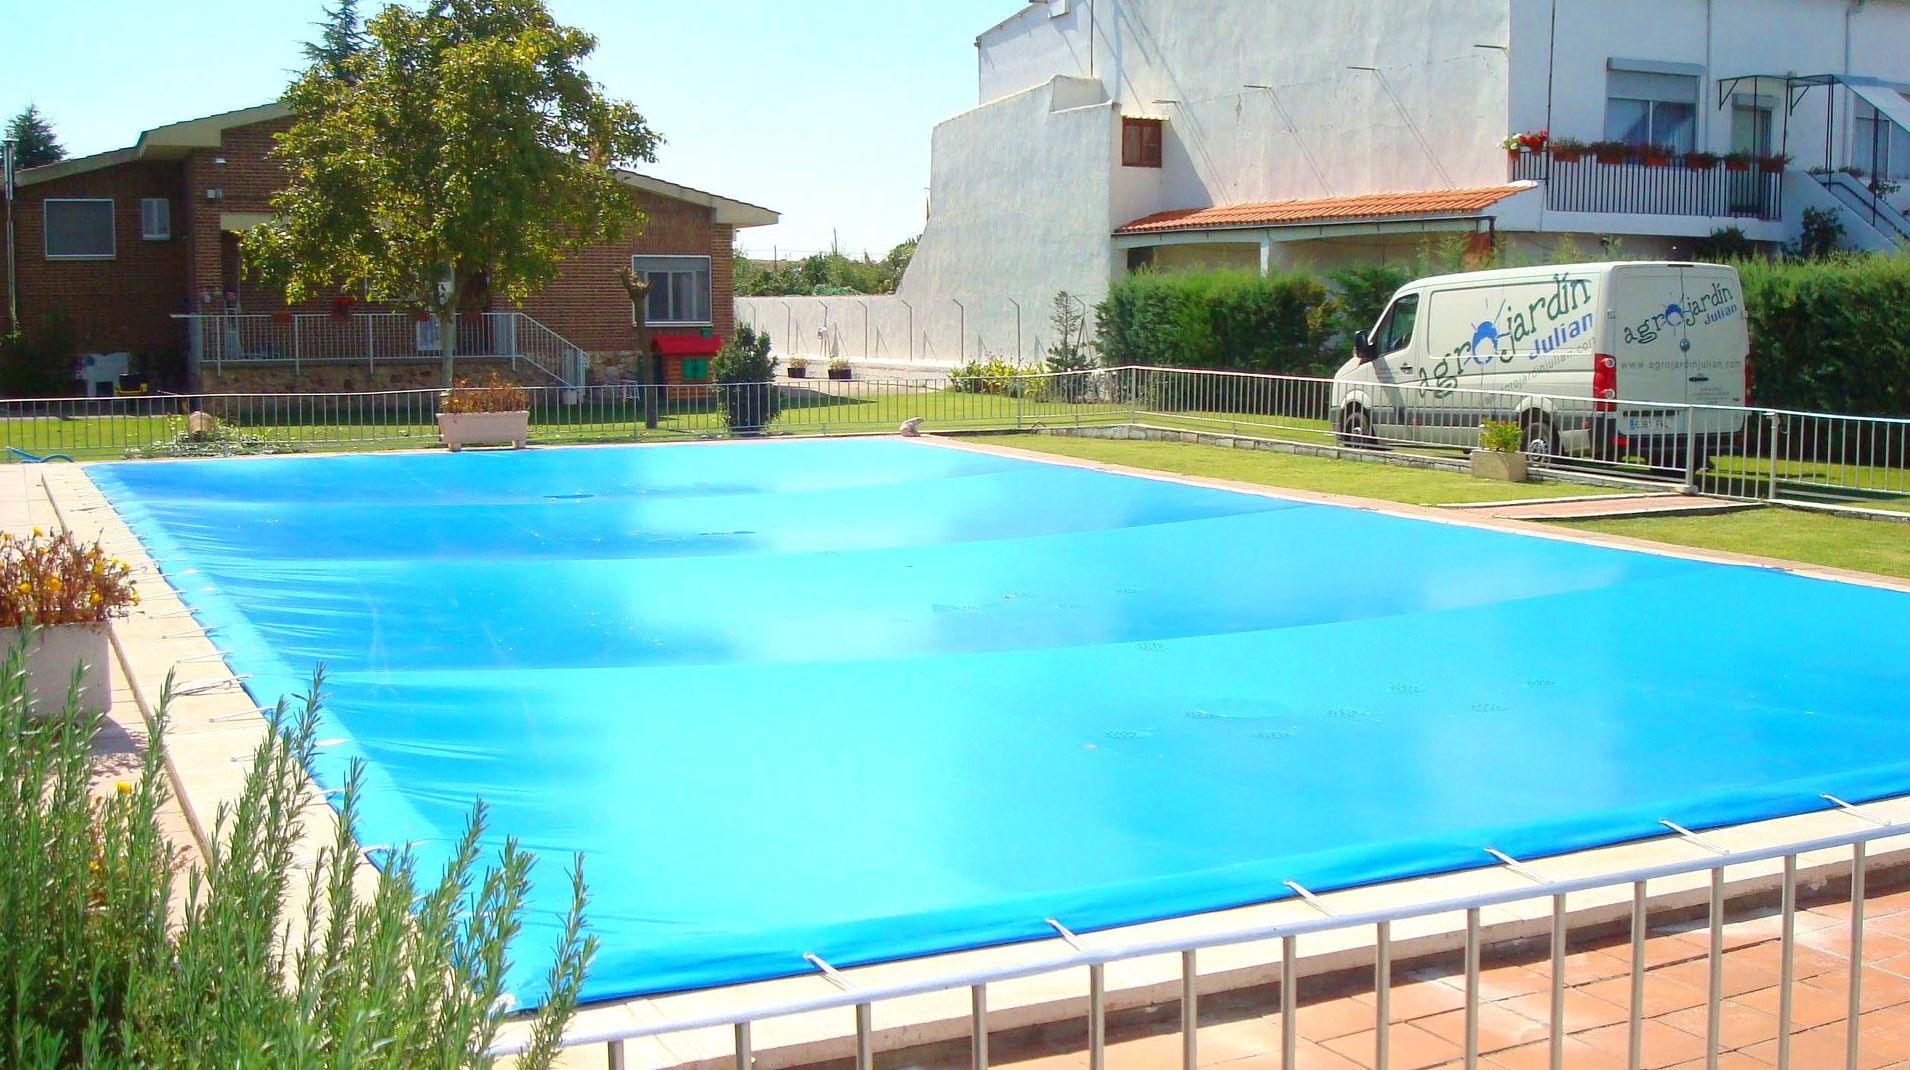 Cuidado de piscinas en Zamora